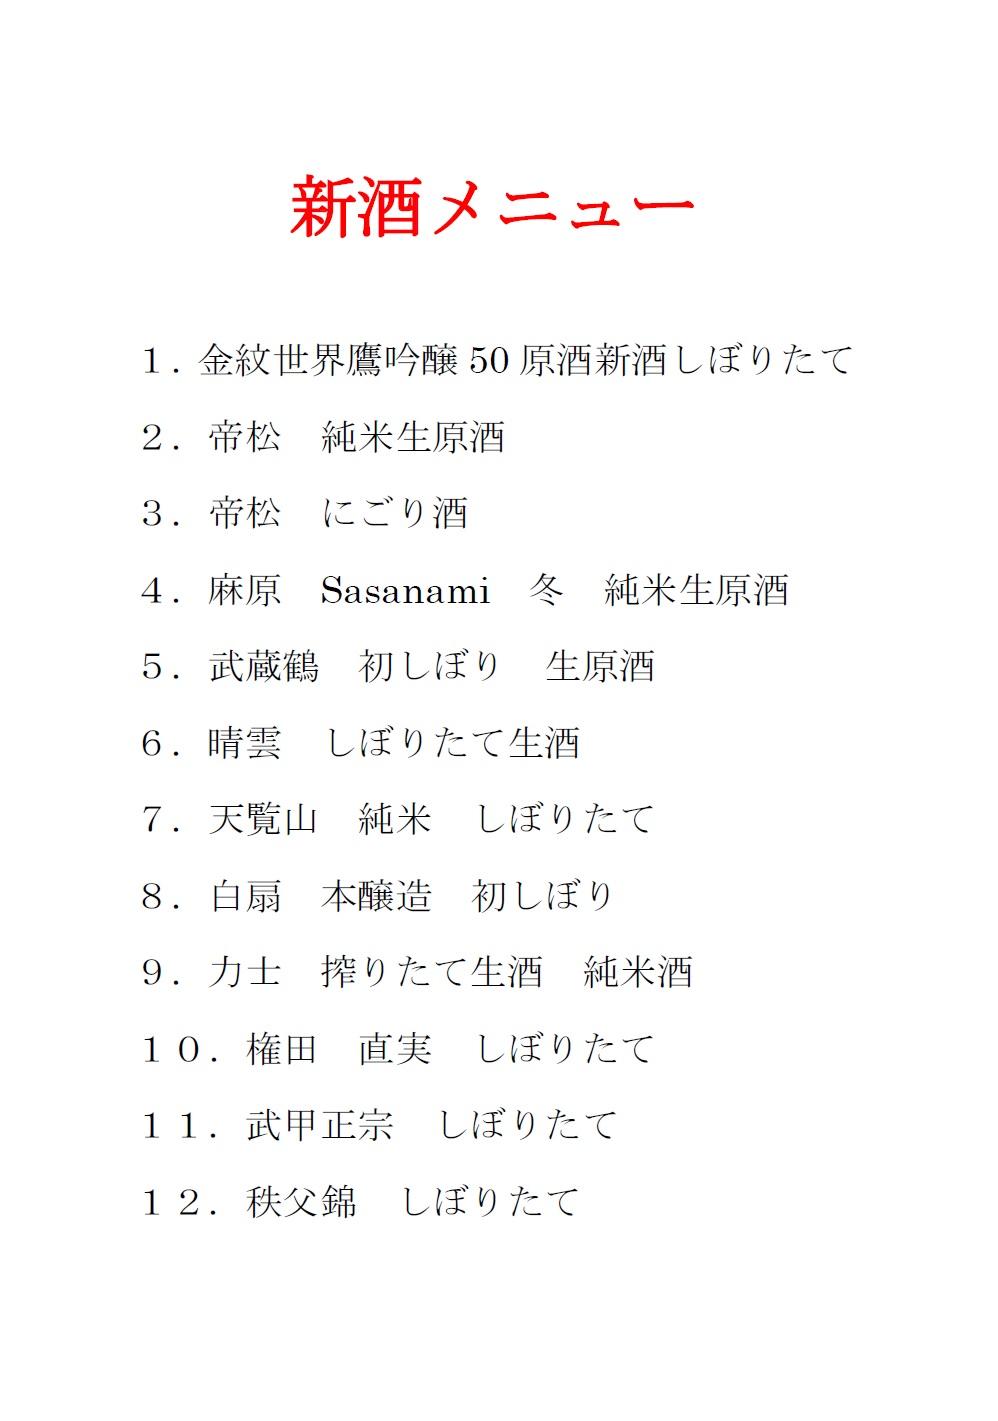 ききざけ処昭和蔵「新酒飲み比べフェアー」